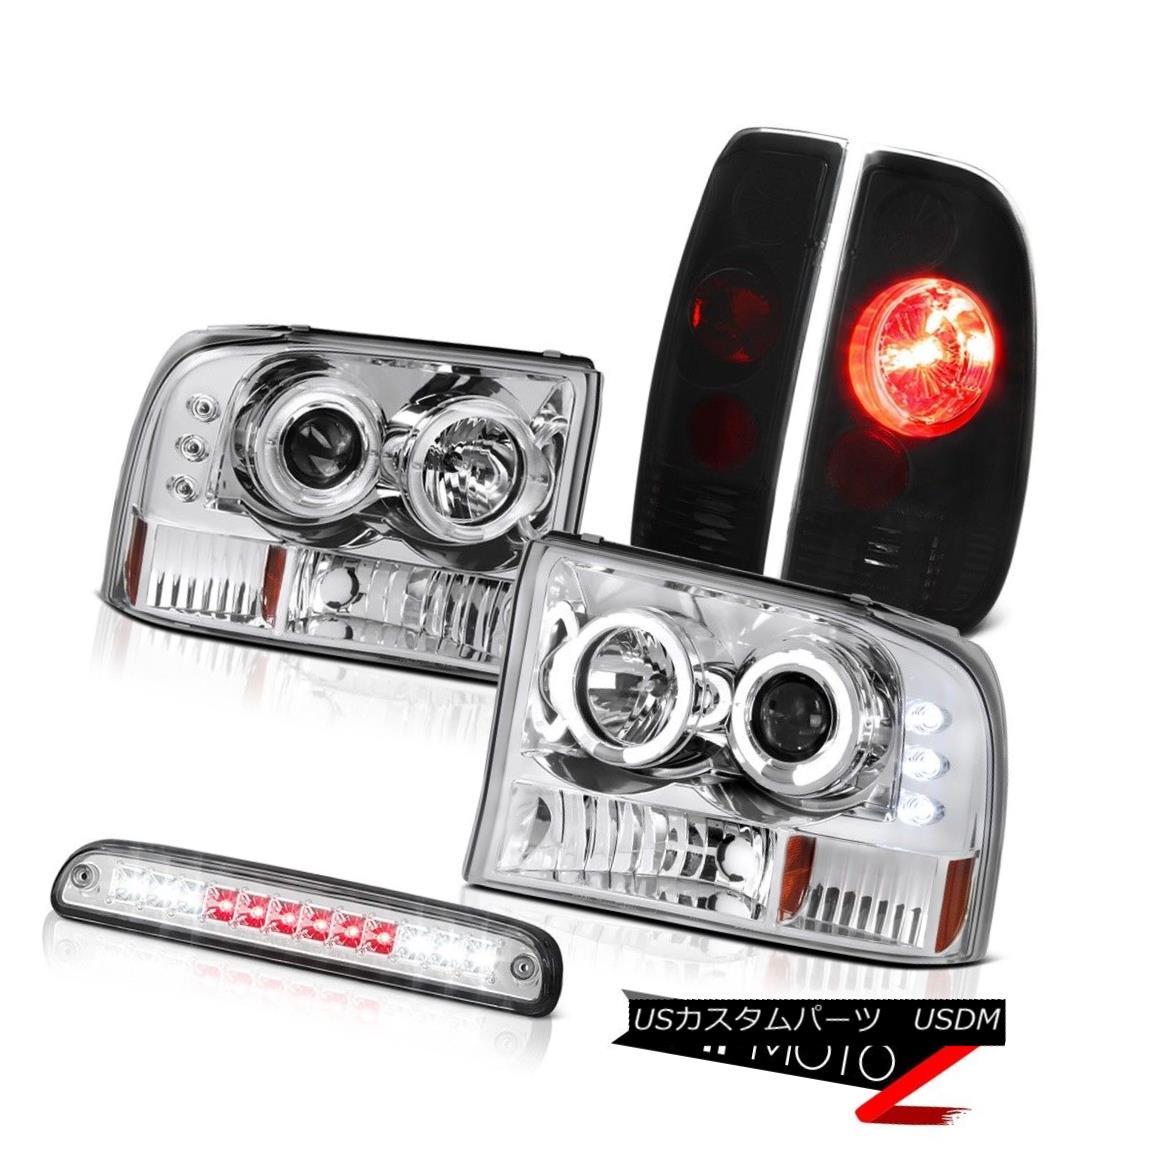 テールライト Halo Rim Headlights Smoke Euro Third Brake LED Sinister Black 1999-2004 F350 Halo Rim Headlights SmokeユーロサードブレーキLED Sinister Black 1999-2004 F350